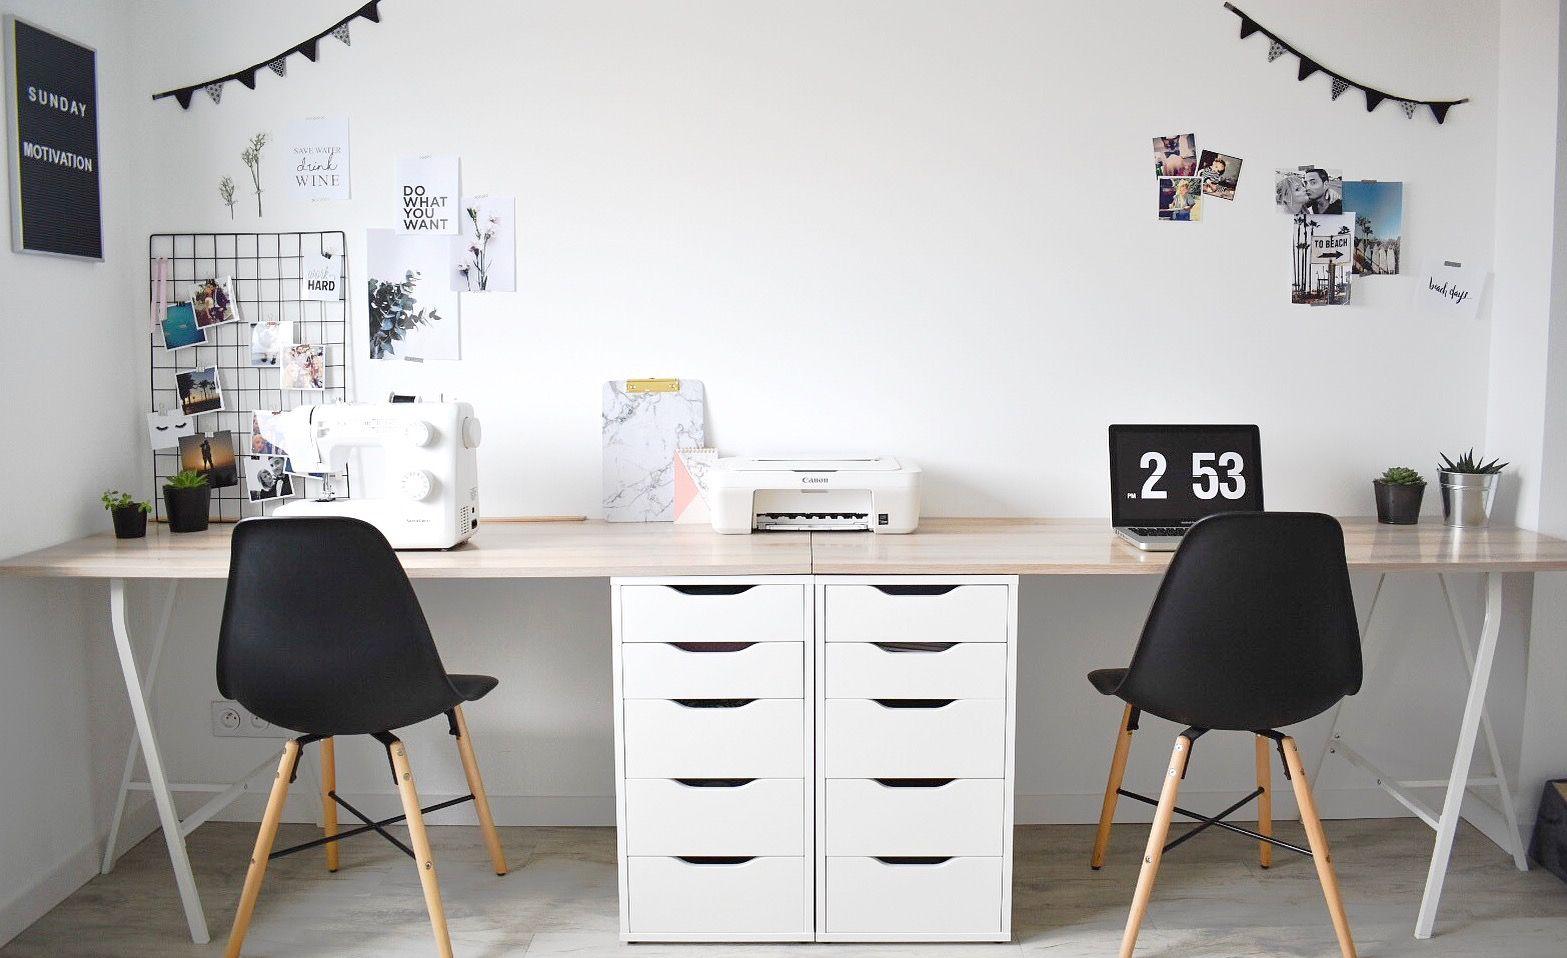 Home and office calendars il miglior prezzo di amazon in savemoney